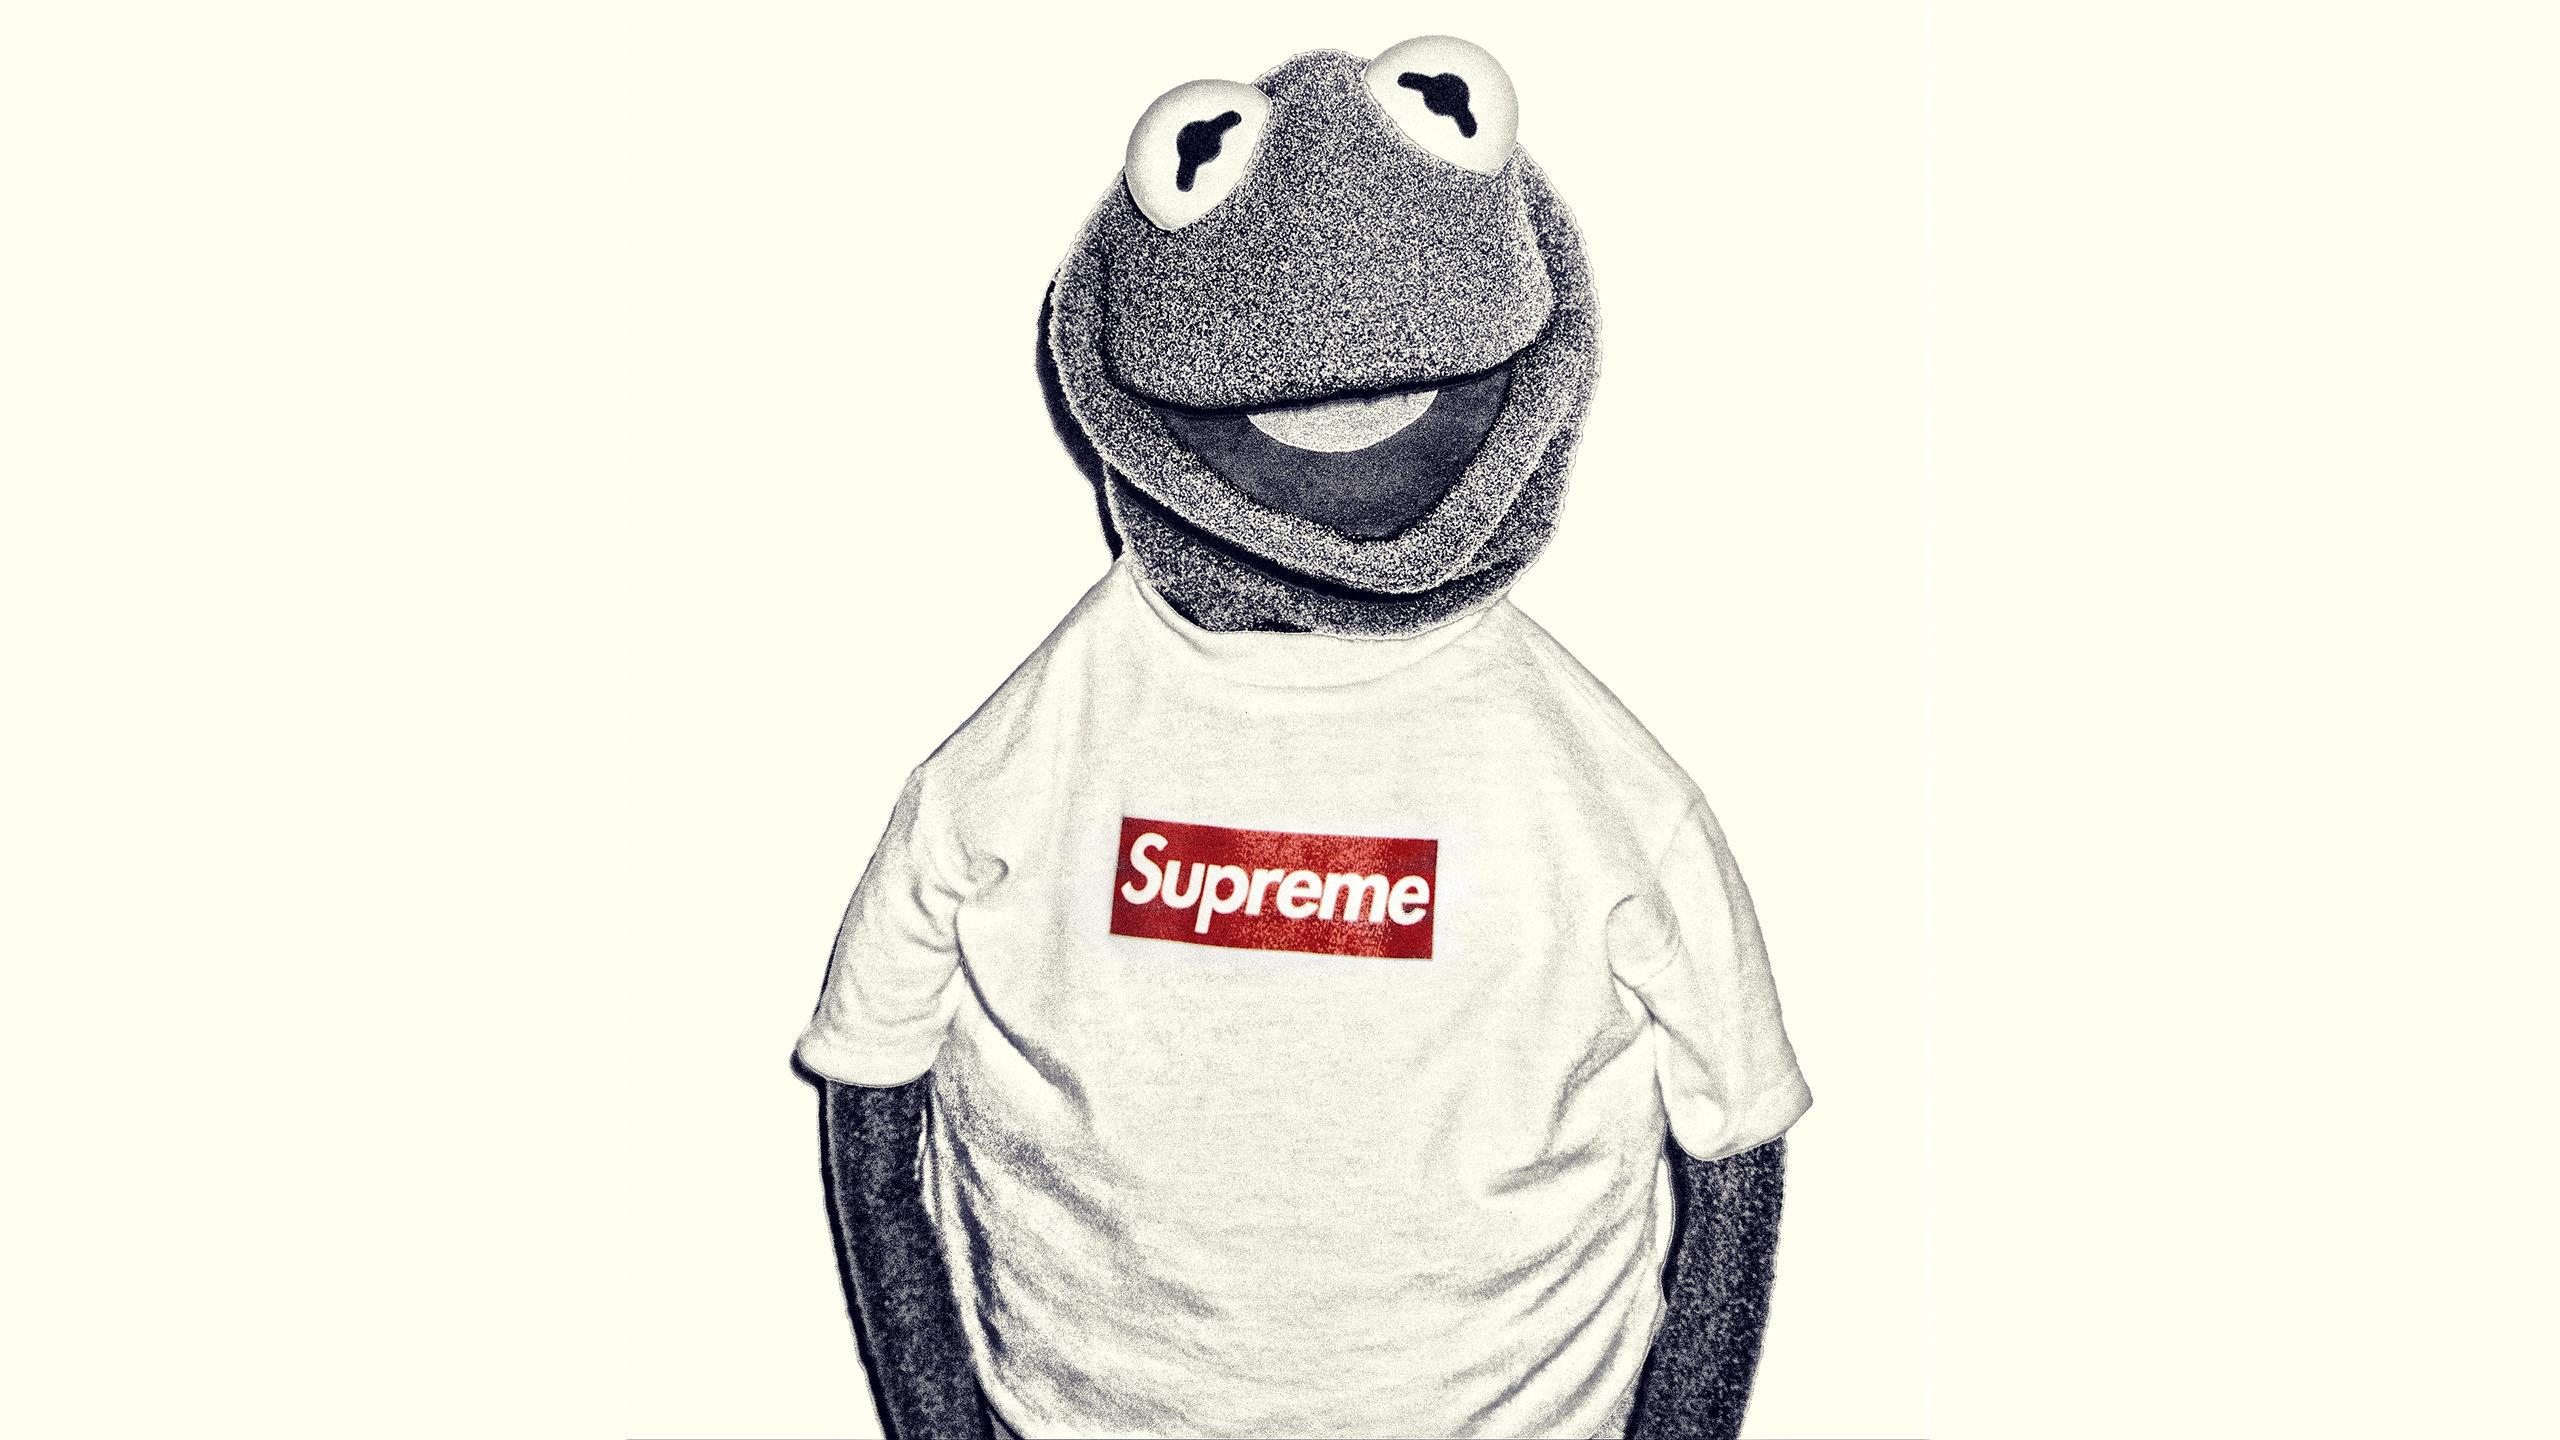 Fondos De Pantalla Supreme: Kermit Supreme Wallpaper